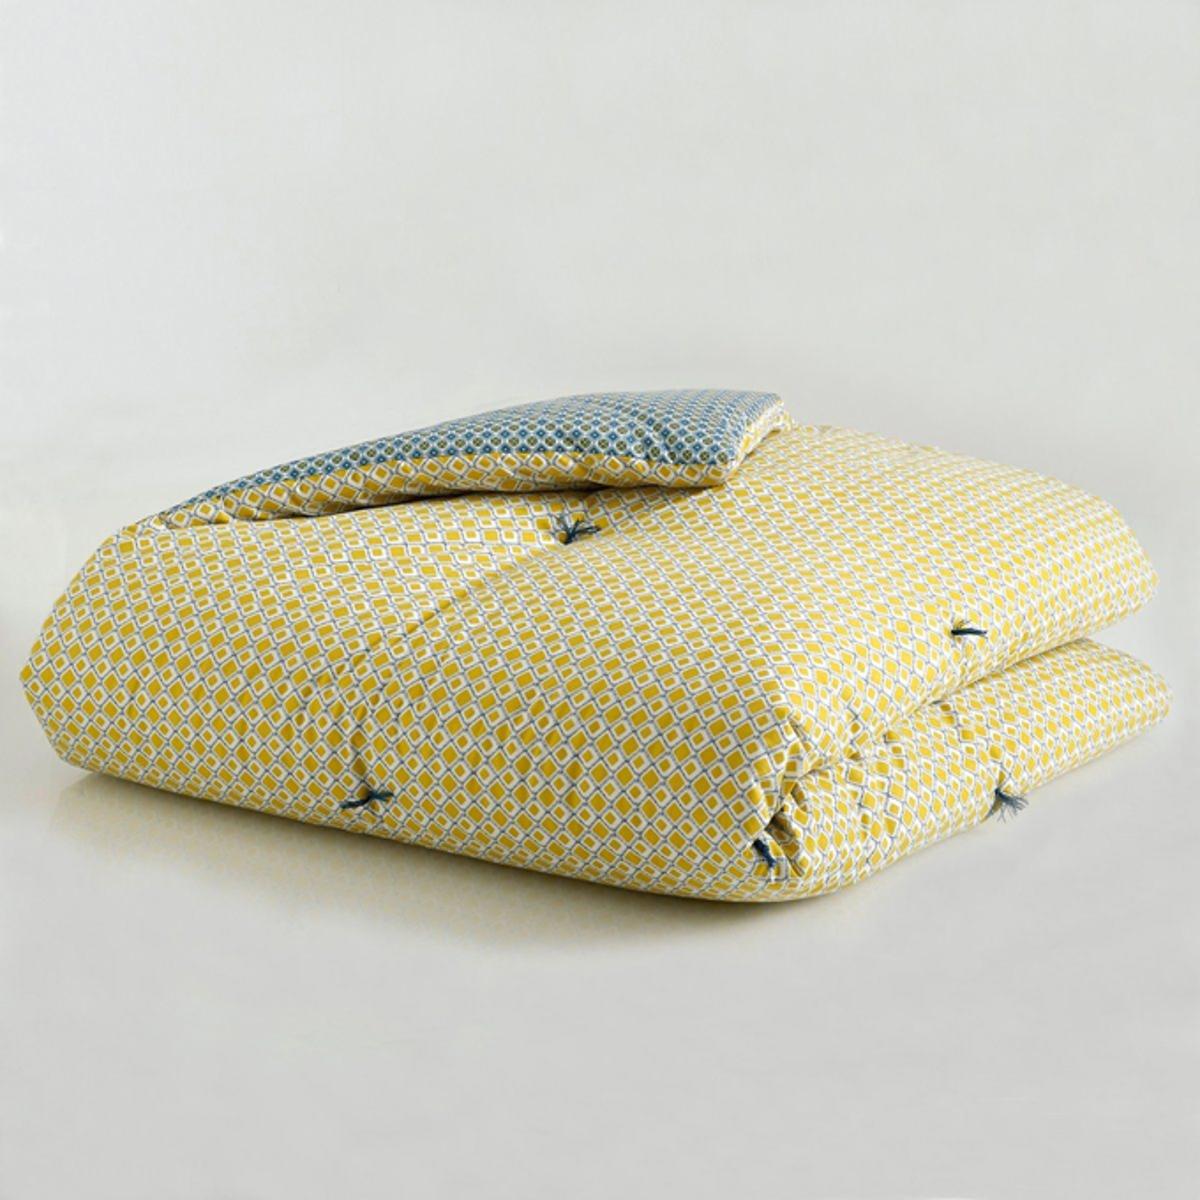 Одеяло La Redoute С галстучным рисунком MASHITA 90 x 190 см желтый ковер la redoute горизонтального плетения с рисунком цементная плитка iswik 120 x 170 см бежевый